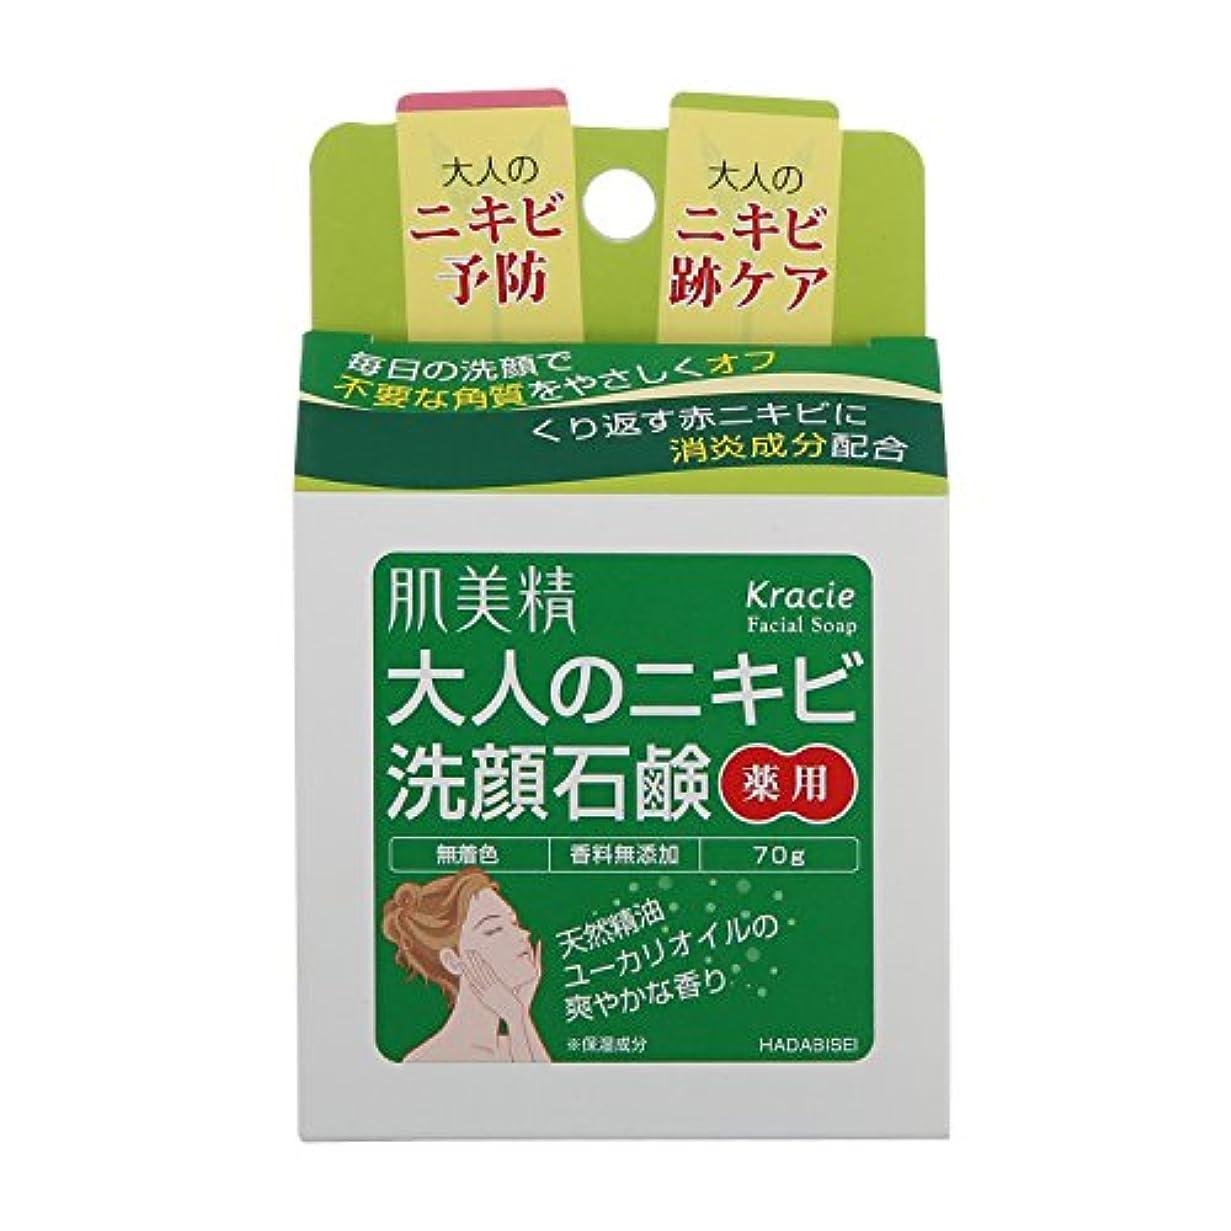 羊退院根絶する肌美精 大人のニキビ 薬用洗顔石鹸 70g  [医薬部外品]